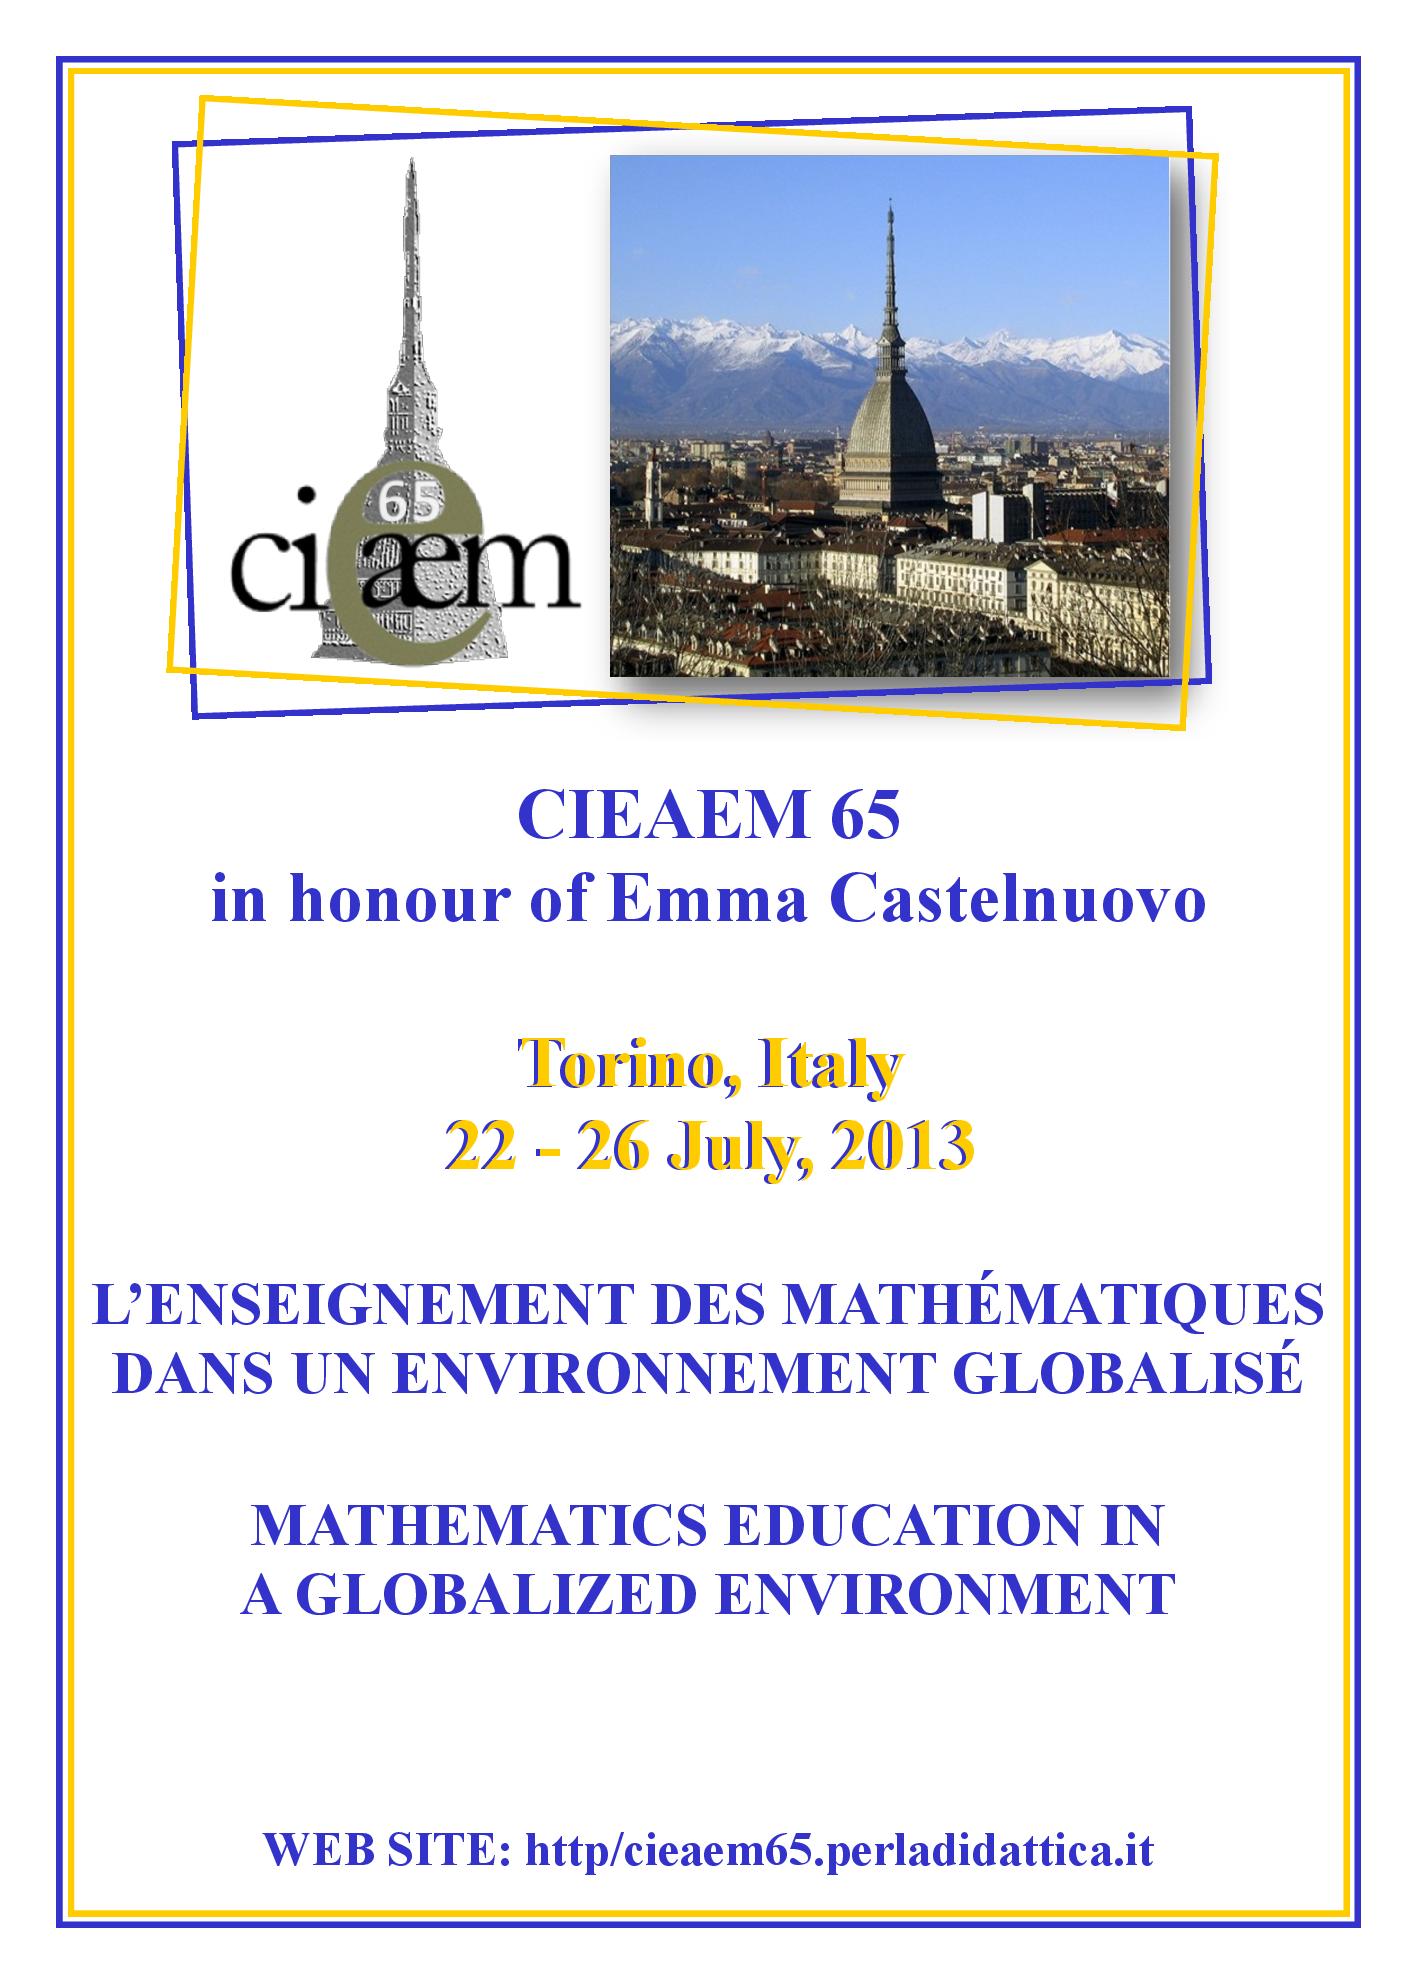 CIEAEM 65: MATHEMATICS EDUCATION IN A GLOBALIZED ENVIRONMENT / L'ENSEIGNEMENT DES MATHÉMATIQUES DANS UN ENVIRONNEMENT GLOBALISÉ